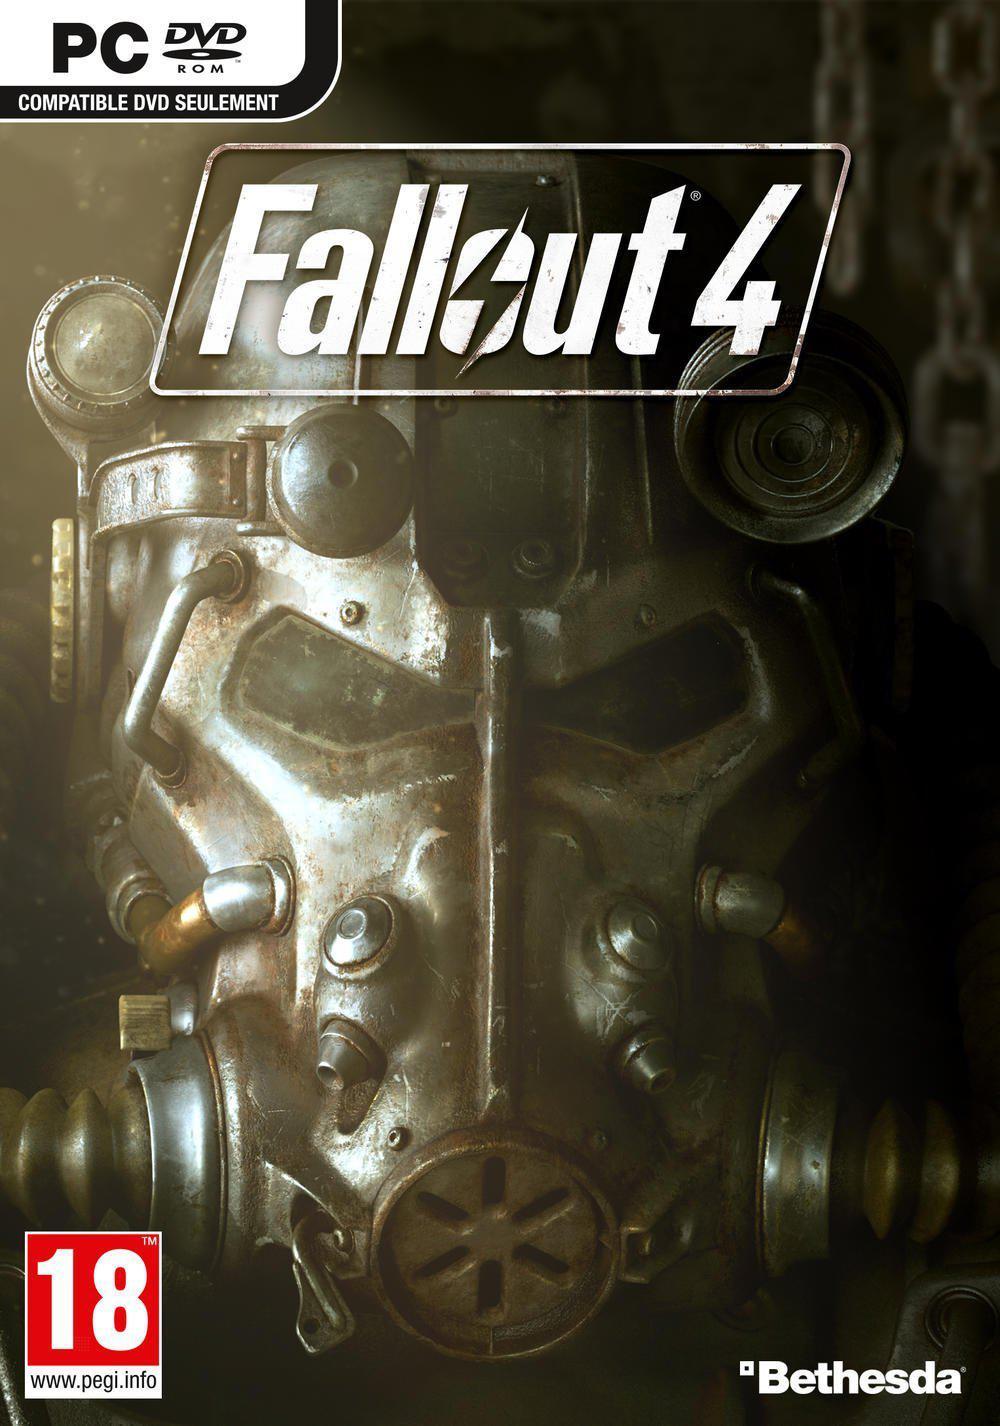 Fallout 4 sur PC